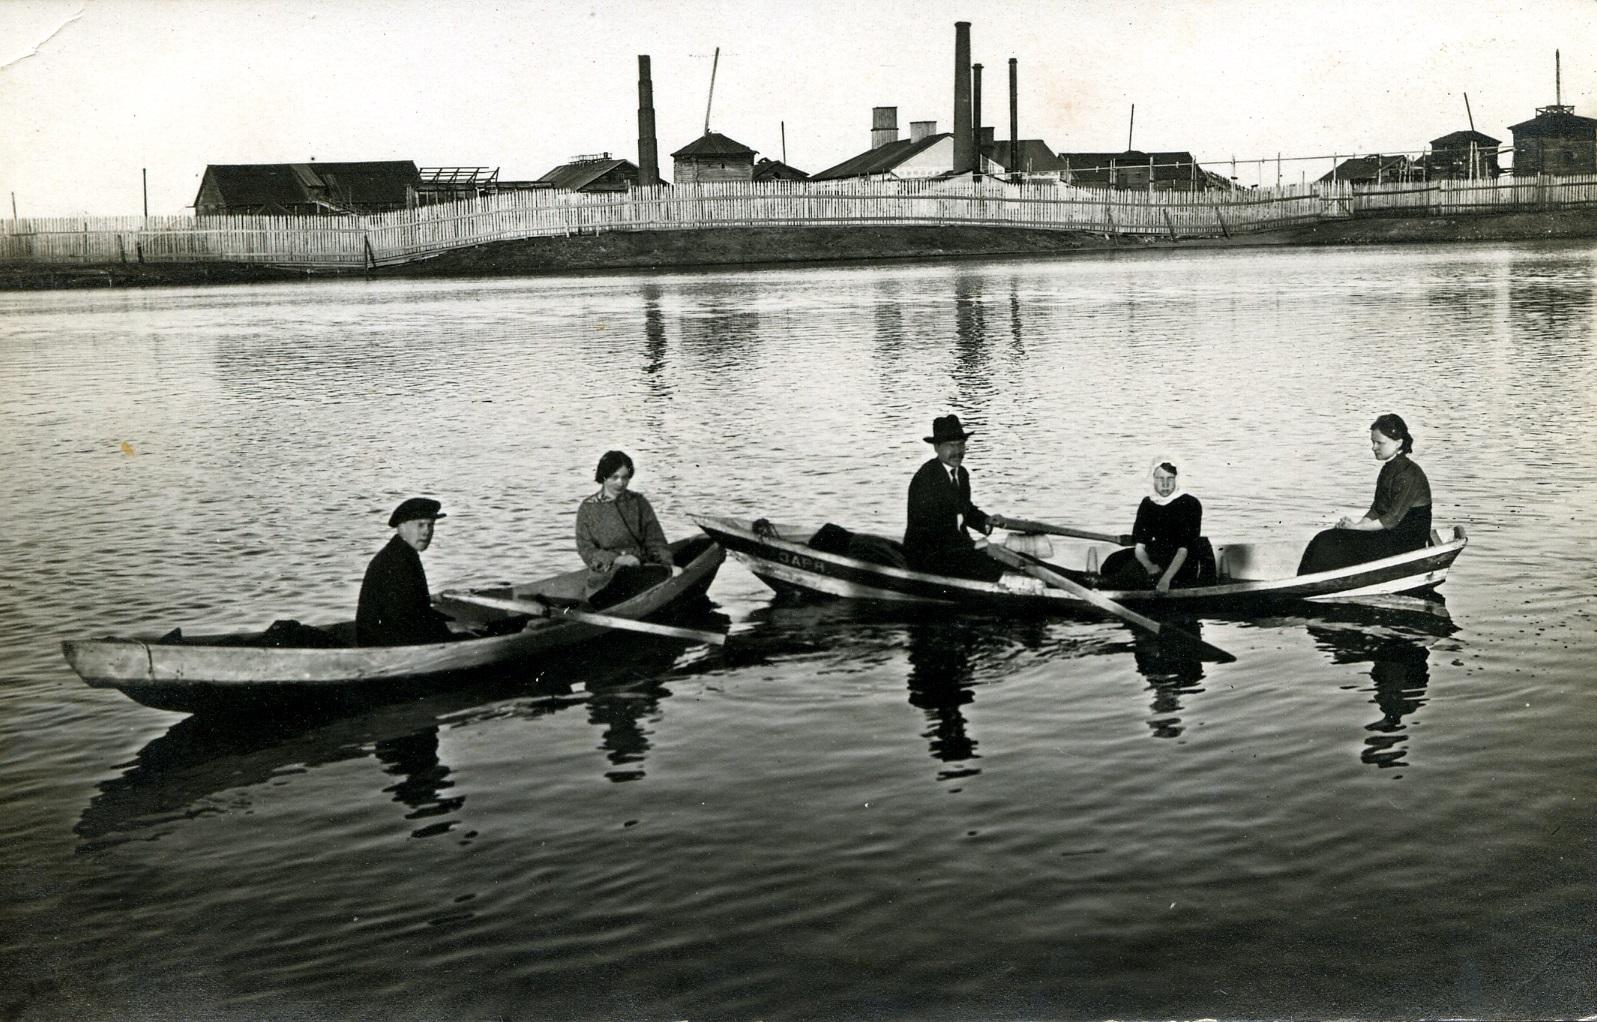 Катание на лодках в 1915 году в Усолье. У местных жителей была традиция проводов вешней воды